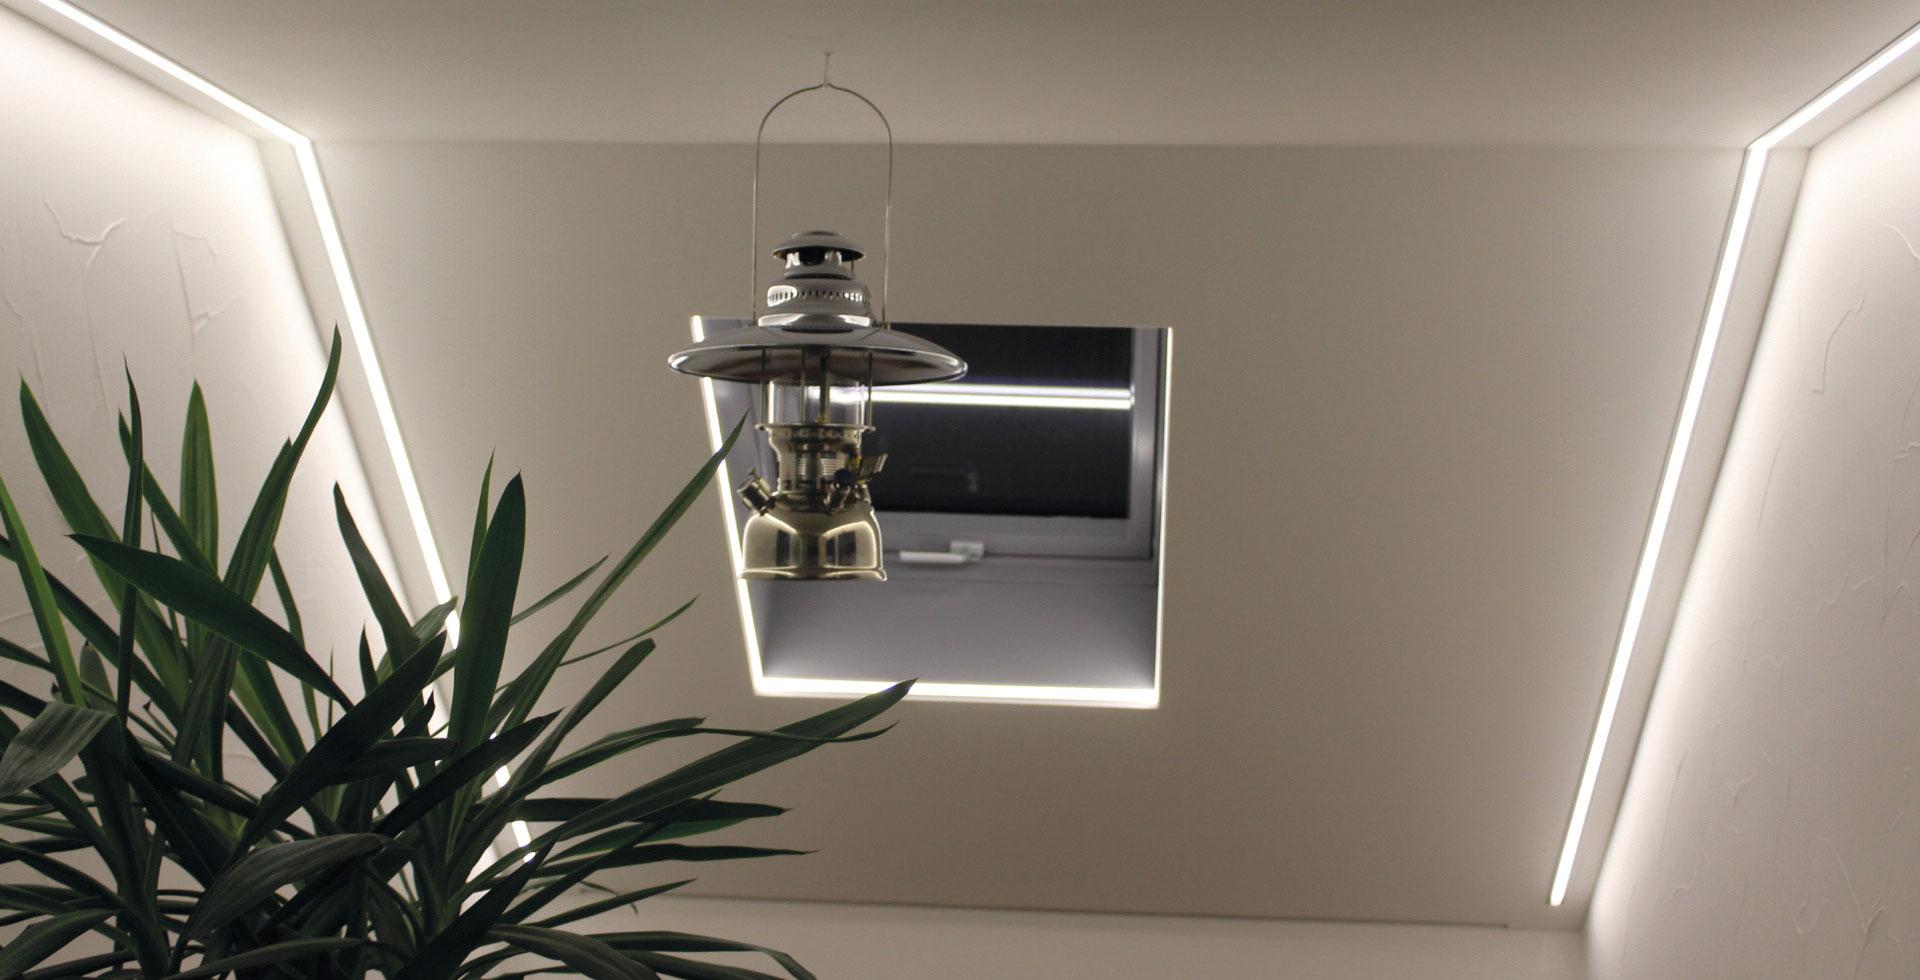 LED linéaire sur-mesure